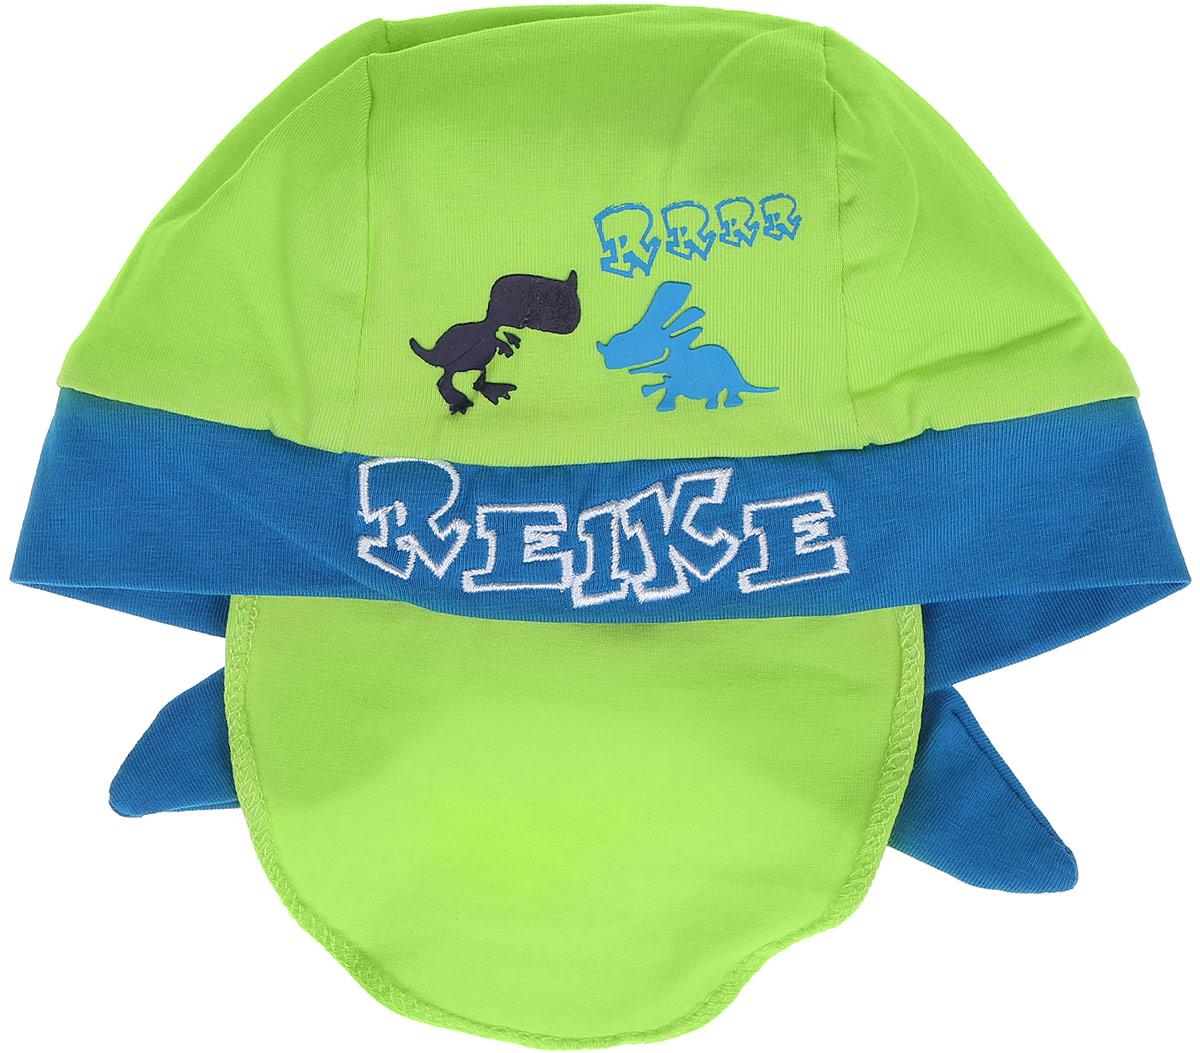 Бандана для мальчика Reike Динозаврики, цвет: зеленый, голубой. RKNSS17-DIN8. Размер 44RKNSS17-DIN8_green/blueБандана для мальчика Reike Динозаврики, изготовленная из натурального хлопка, станет стильным аксессуаром во время прогулок и игр на свежем воздухе, защищая голову малыша от солнца и ветра. Бандана оформлена принтом в стиле серии и вышитой надписью с названием бренда и фиксируется на голове широкими завязками.Уважаемые клиенты!Размер, доступный для заказа, является обхватом головы.